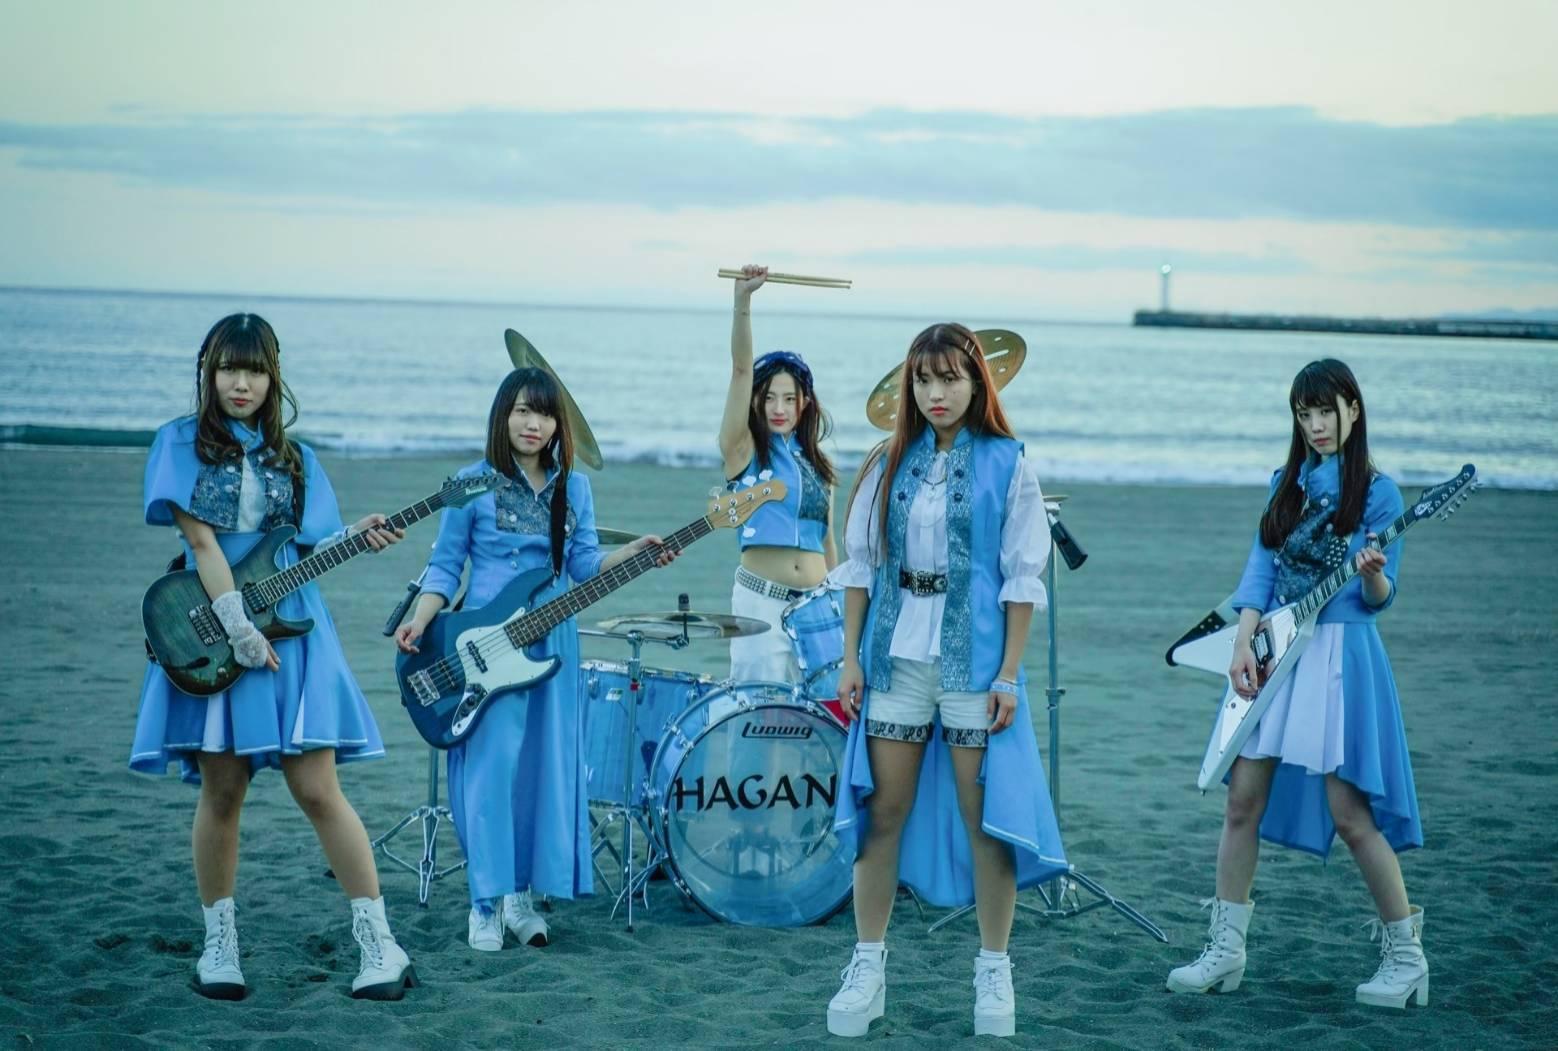 【HAGANE】11月公開予定のMusic Videoを最高のクオリティにして世に出したい!!